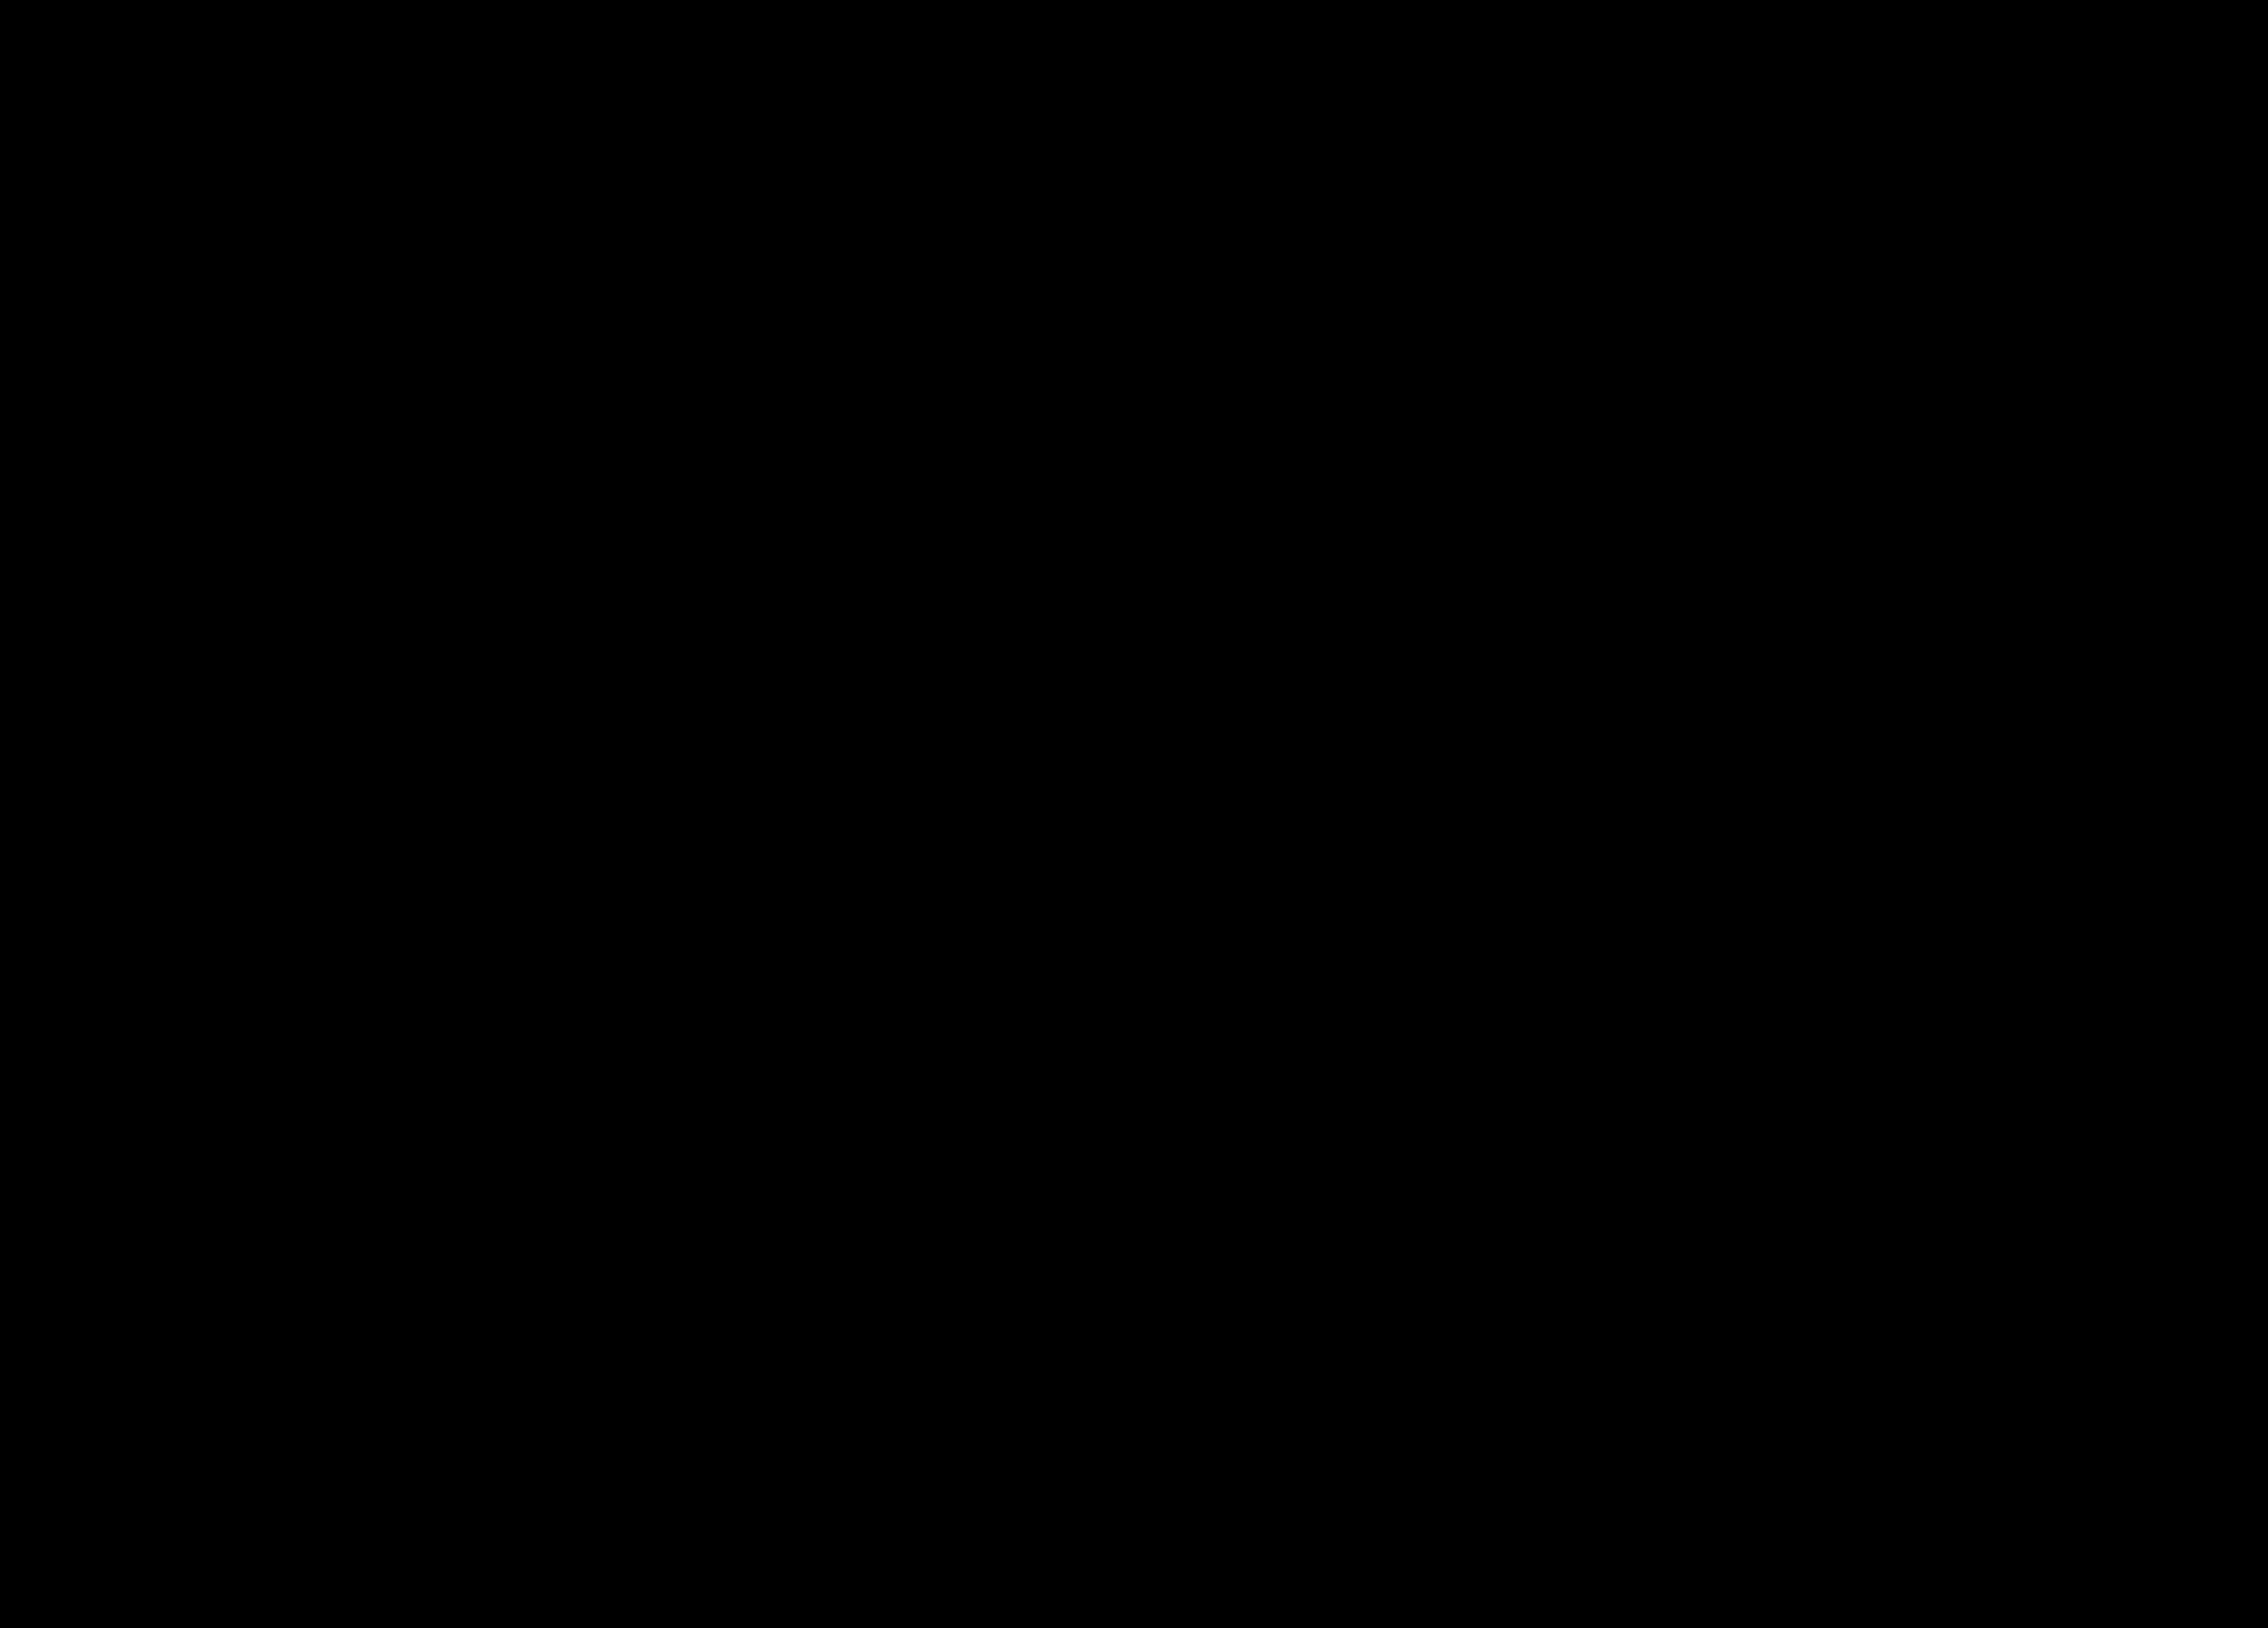 Le Jardin des Plantes - Atlas historique de Paris